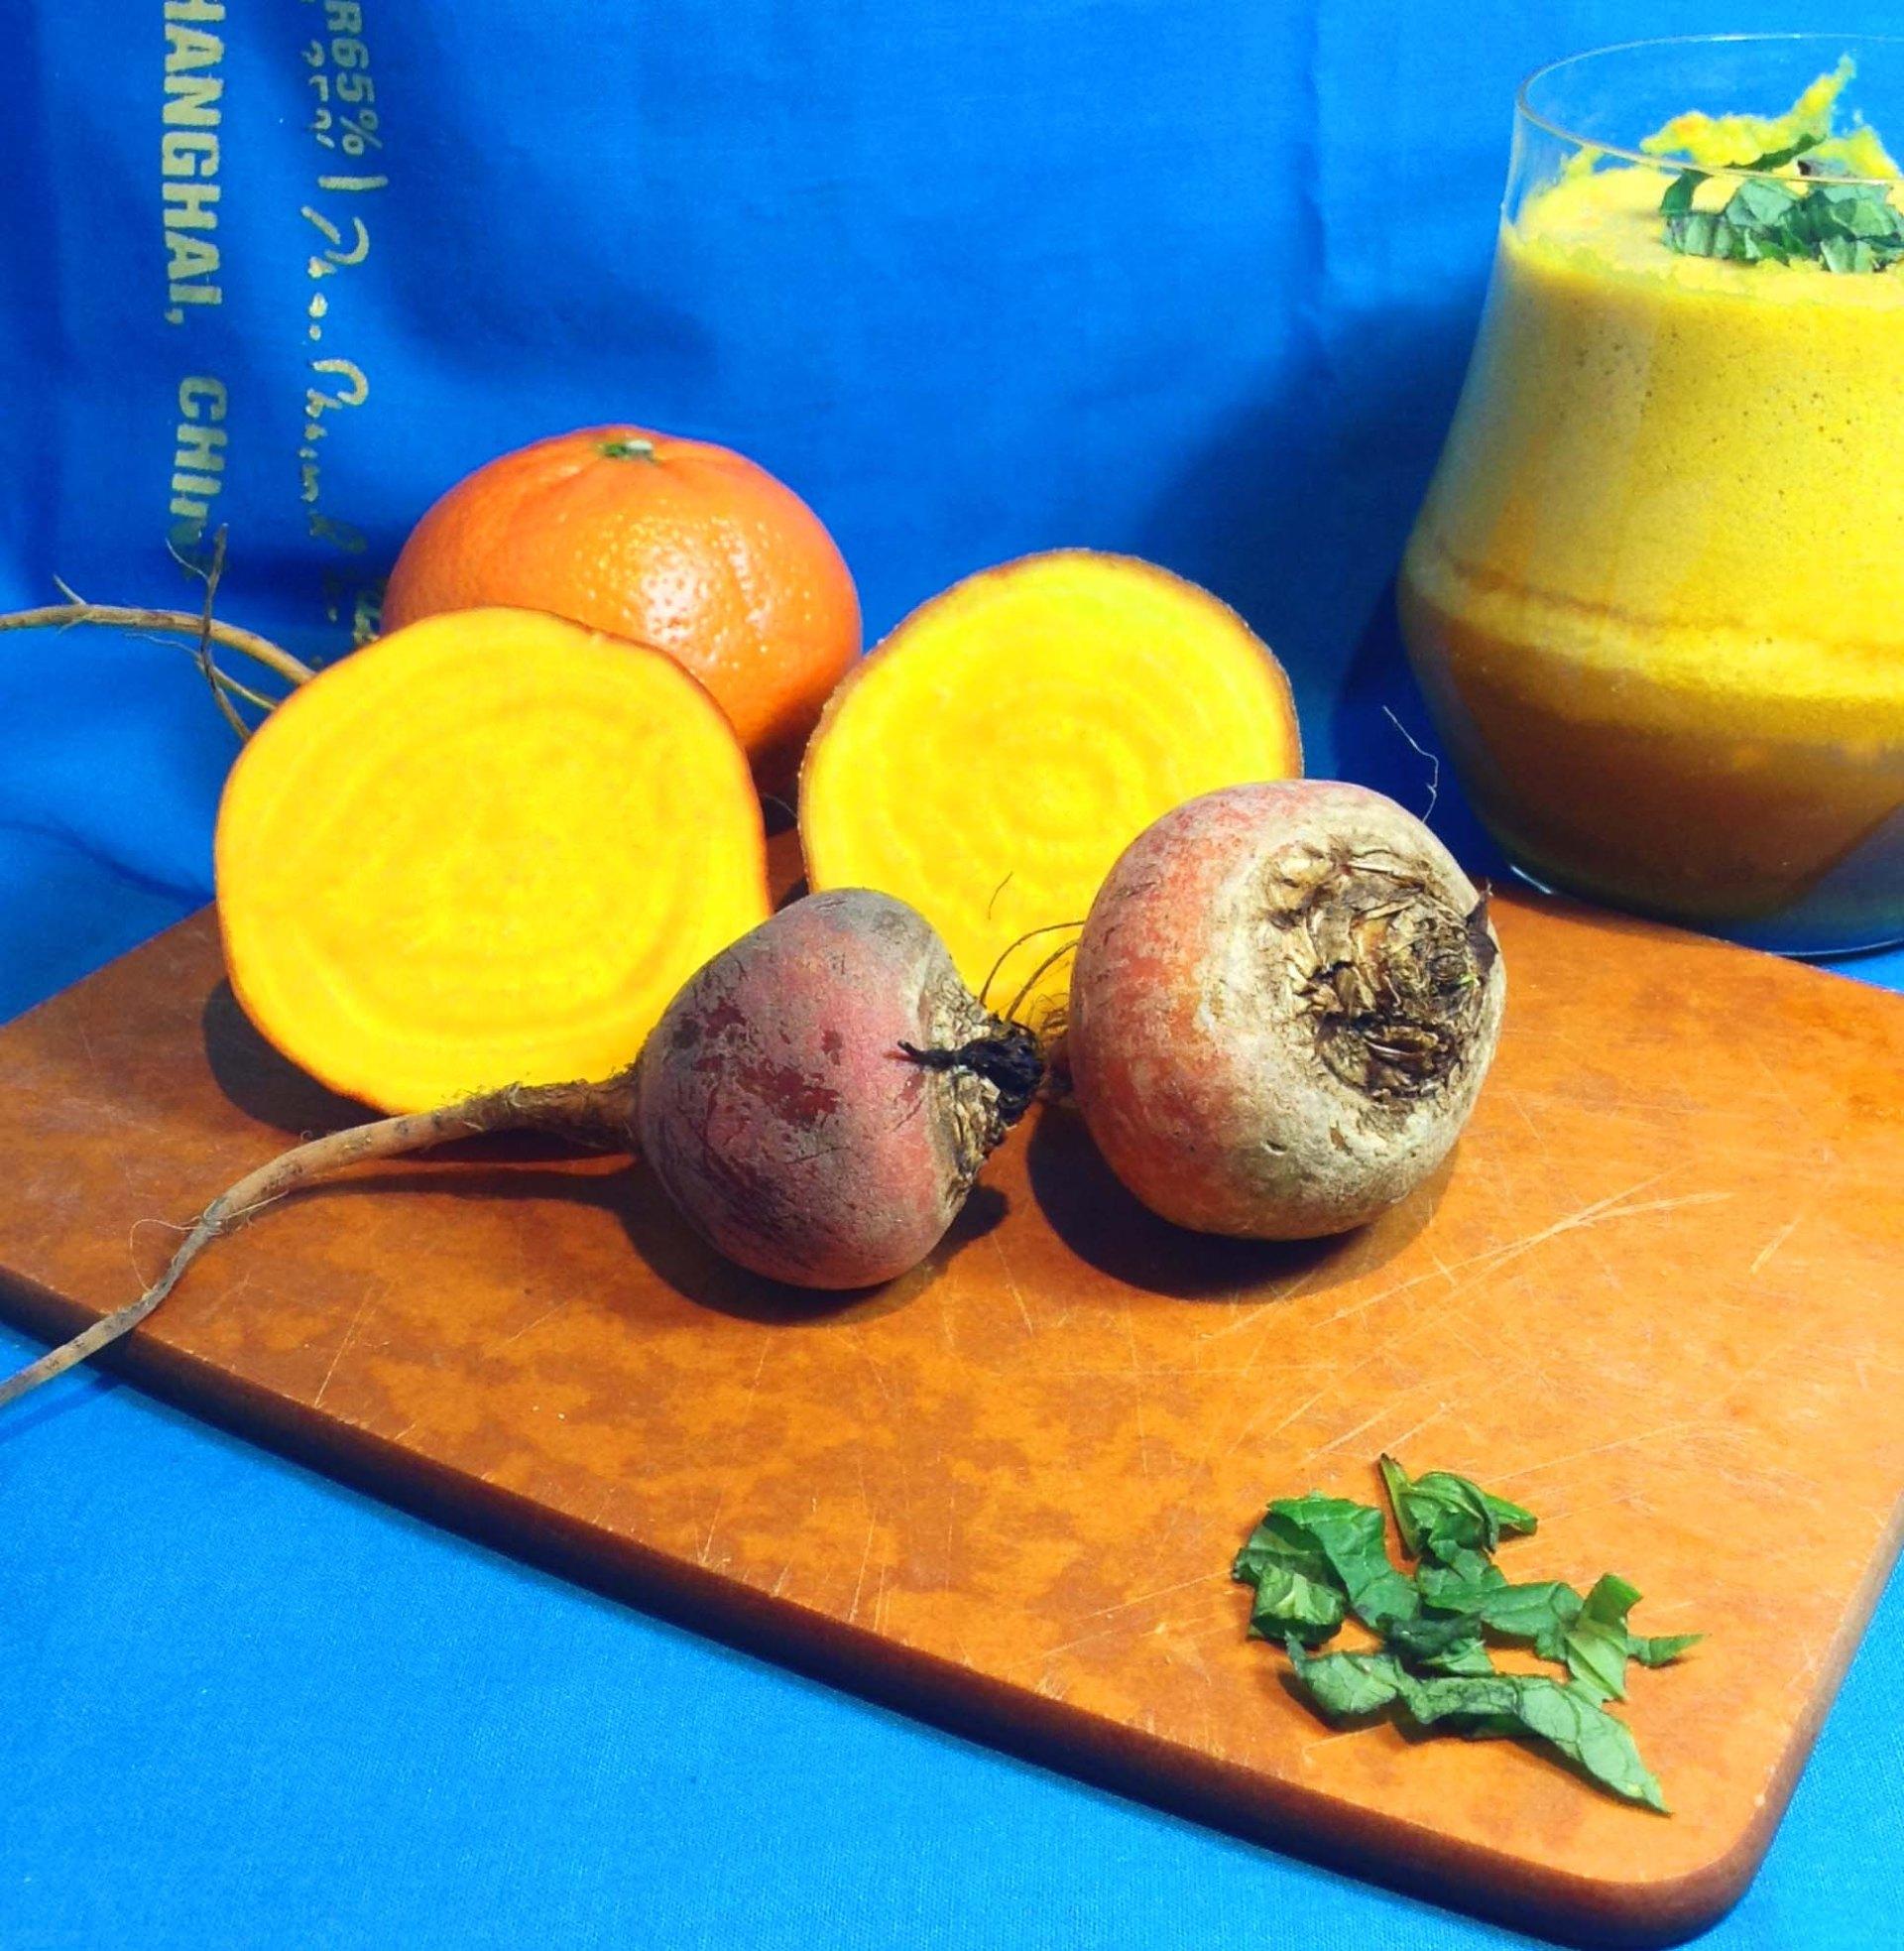 Golden Beet, Tangerine, and Mint Juice